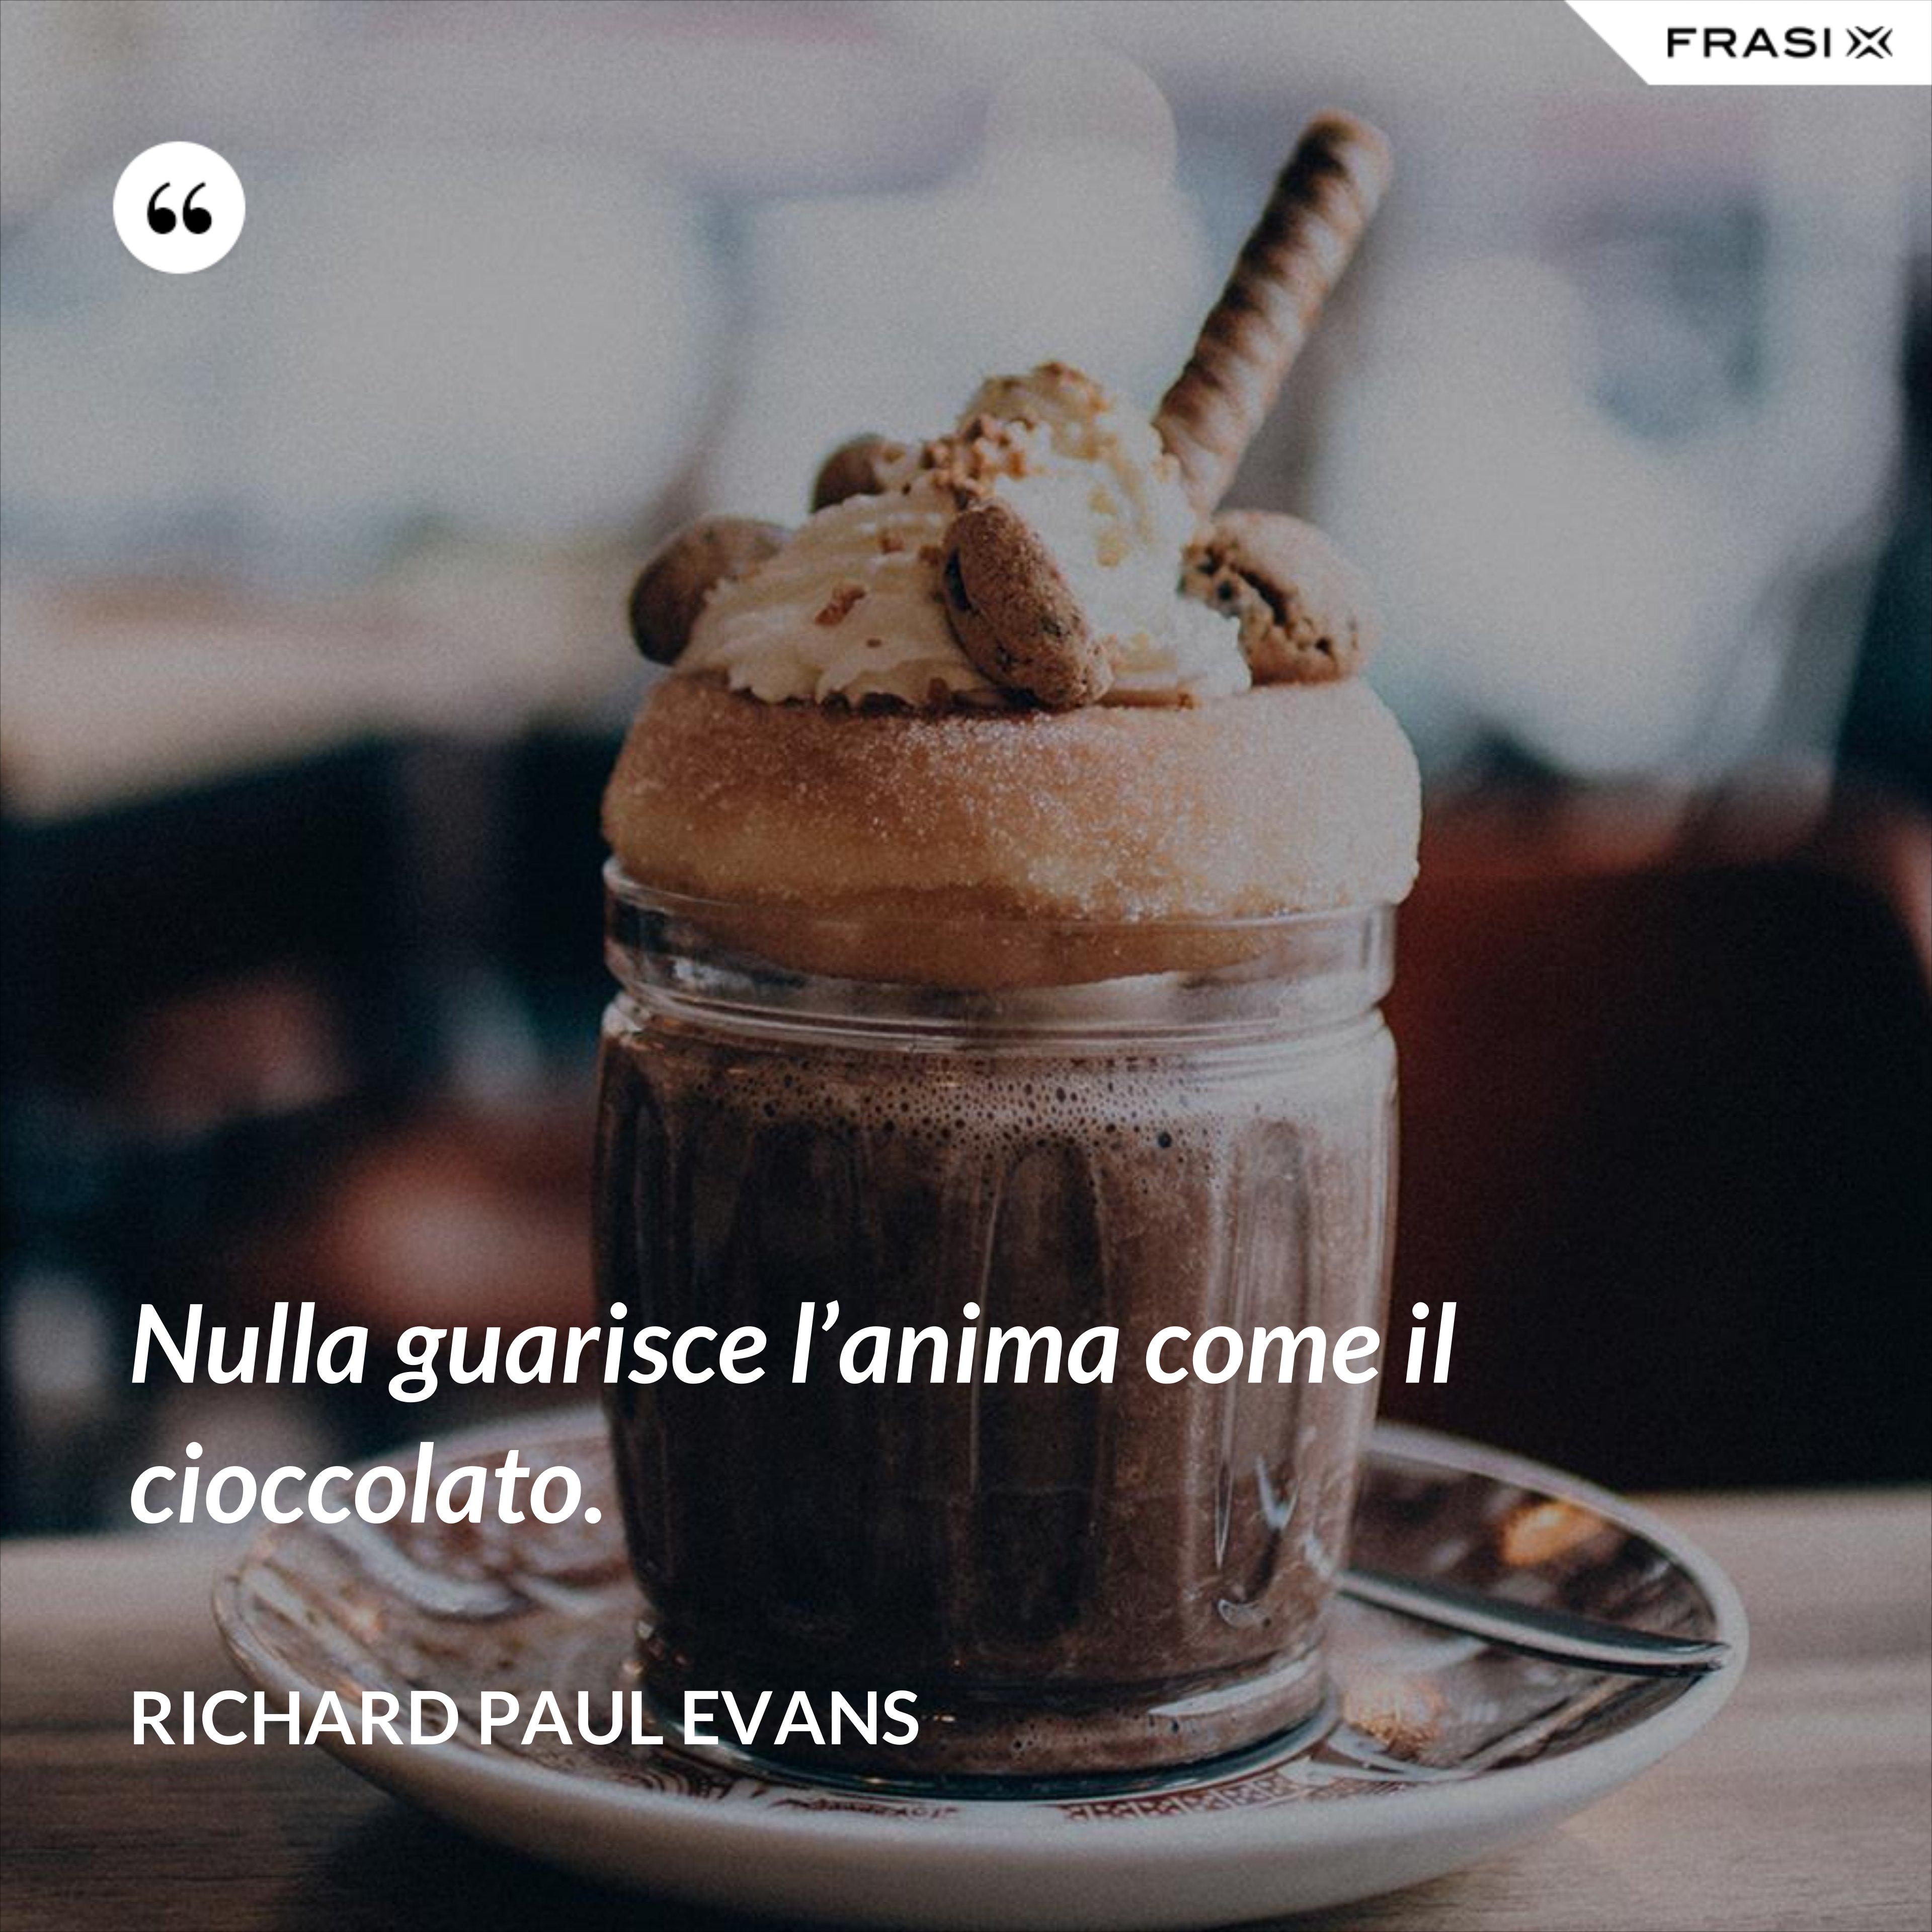 Nulla guarisce l'anima come il cioccolato. - Richard Paul Evans